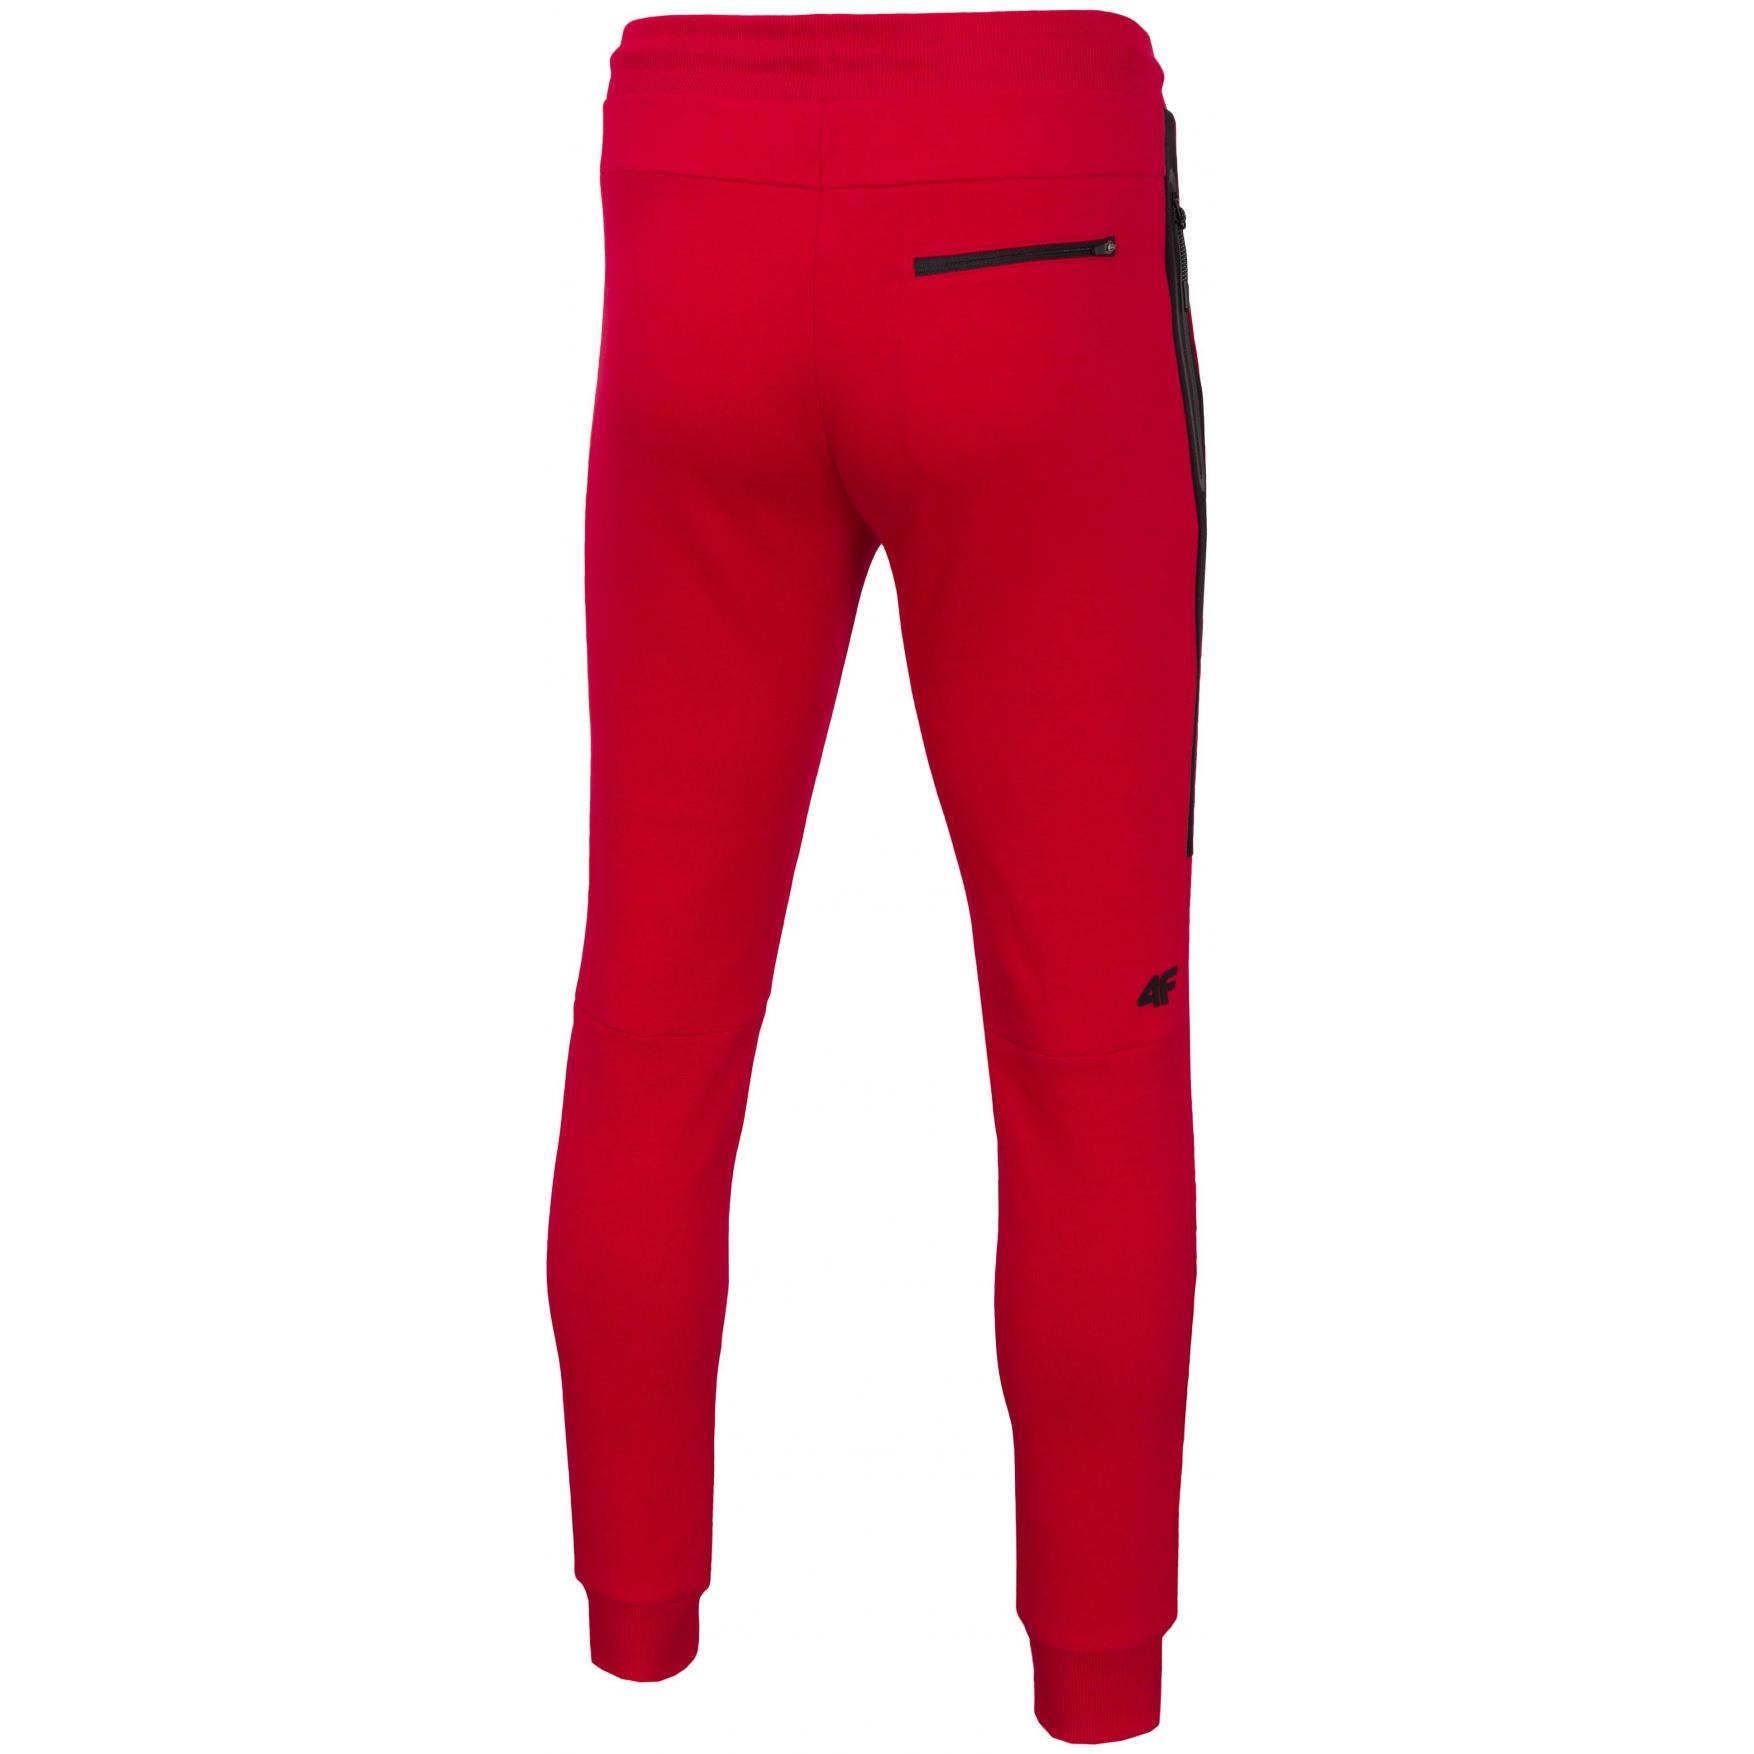 Spodnie dresowe męskie 4F czerwone